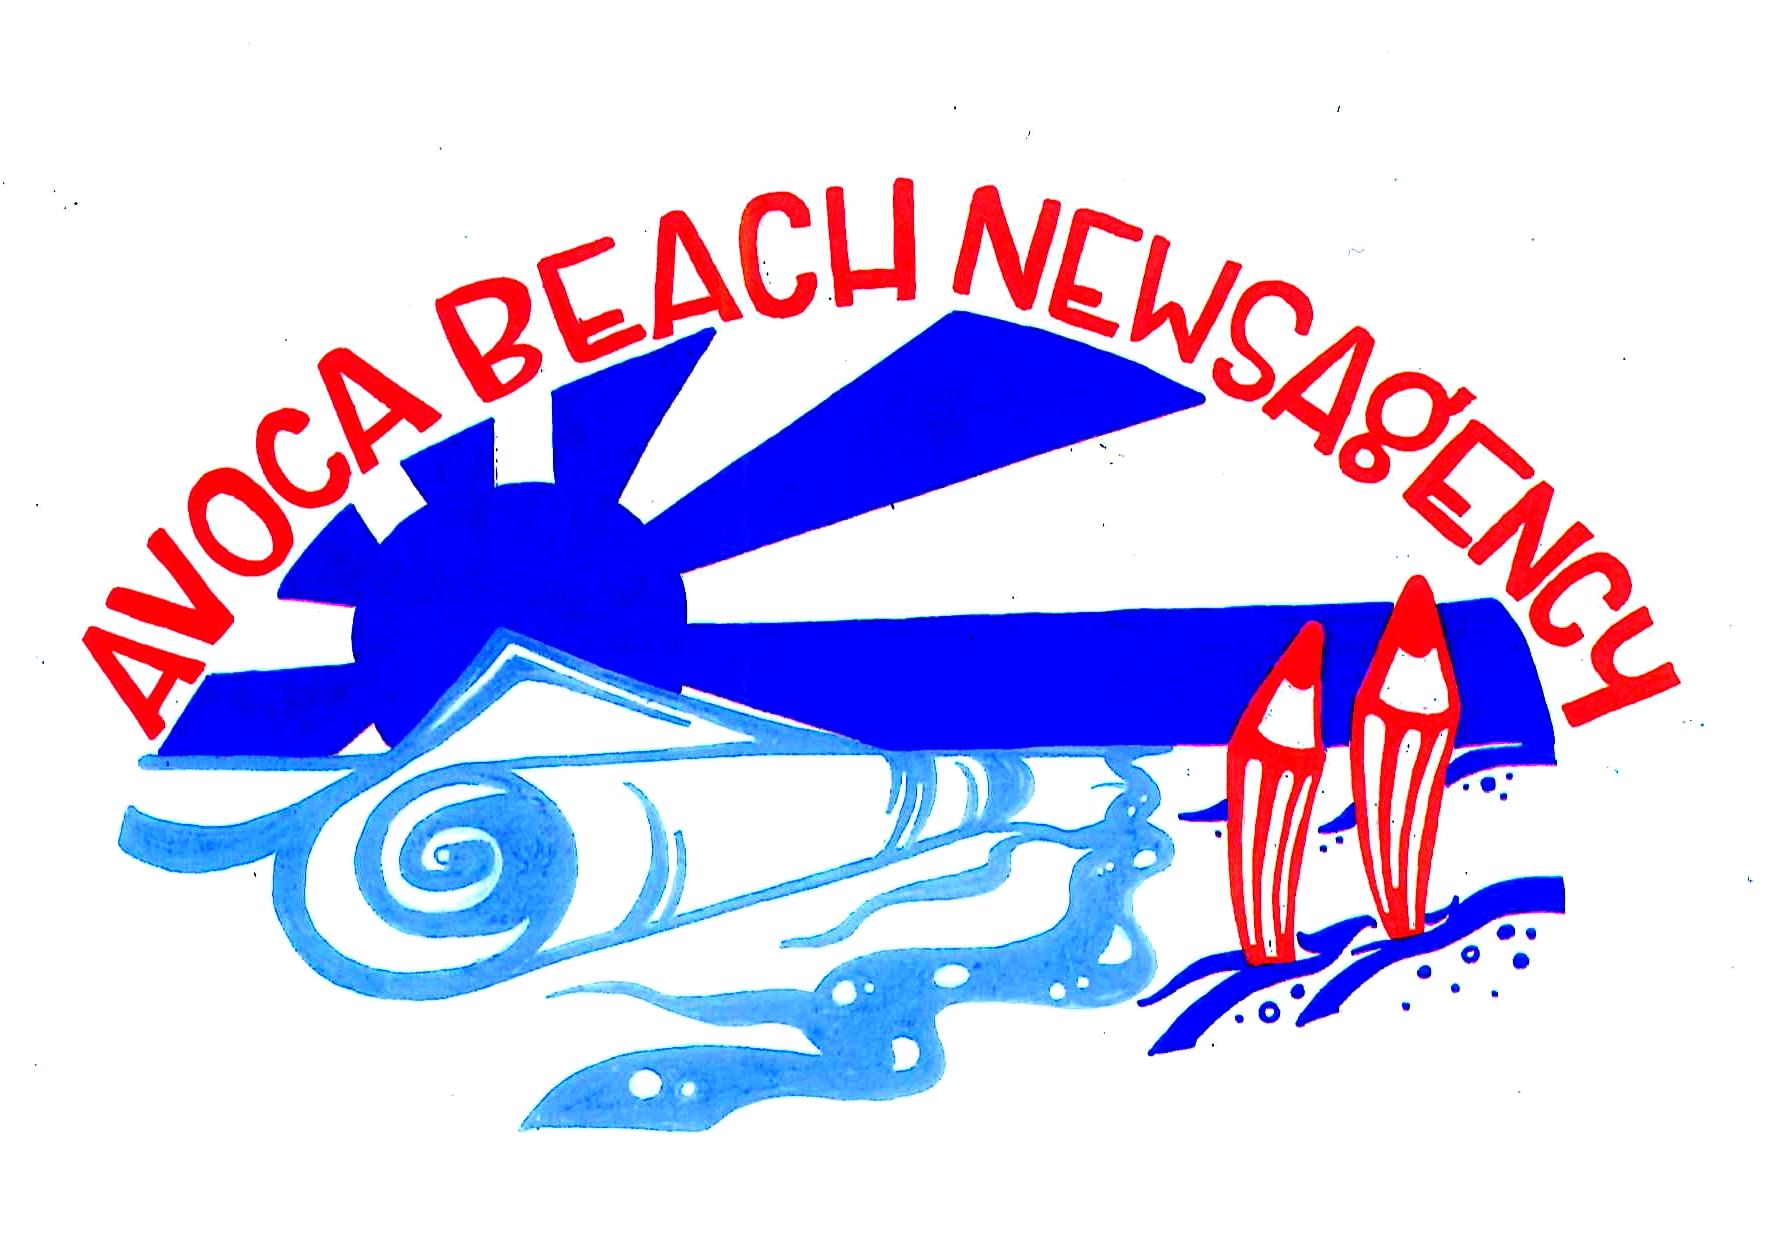 Avoca Beach Newsagency